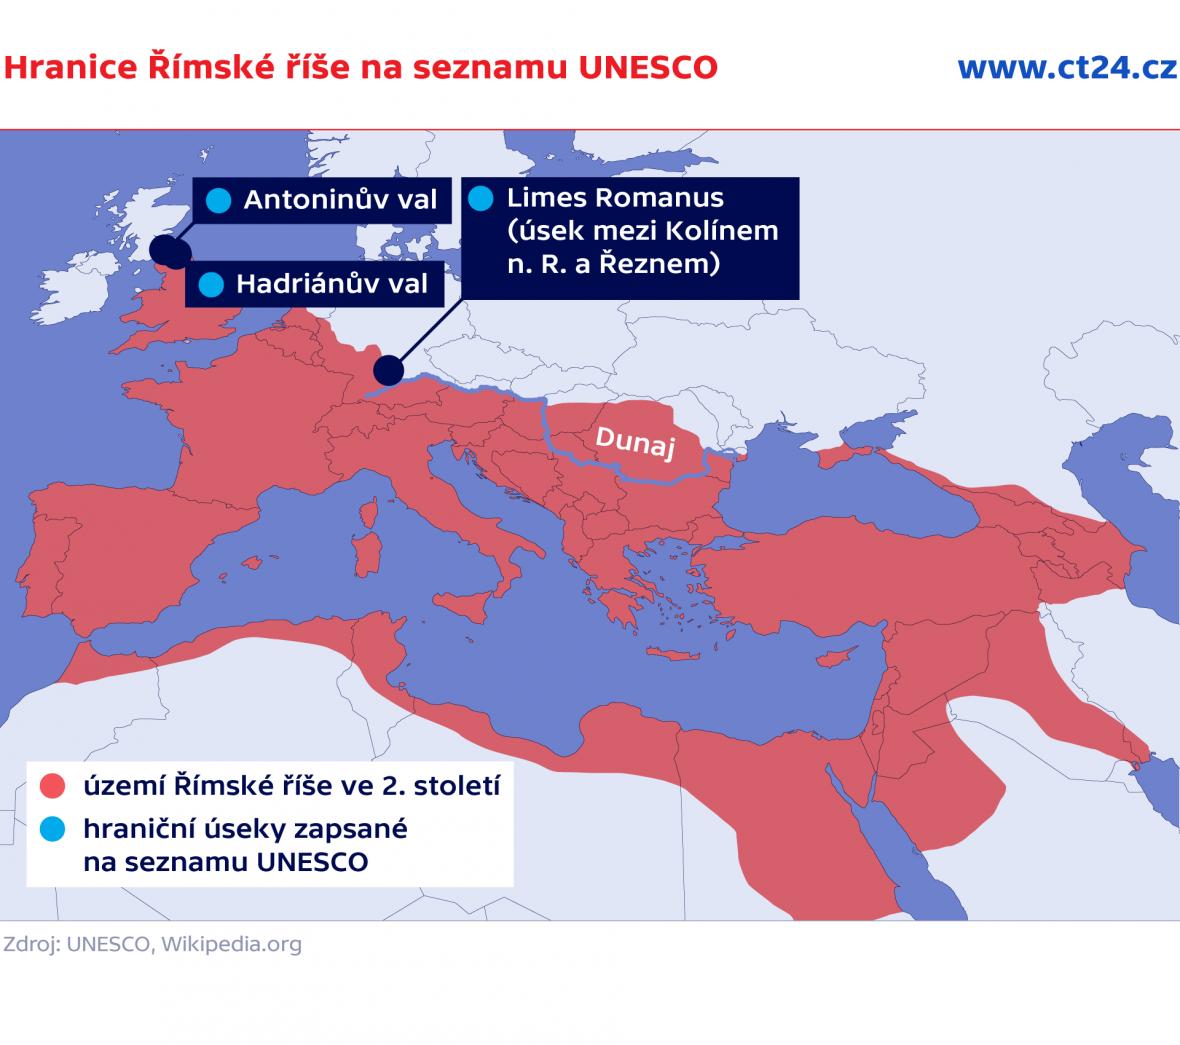 Hranice Římské říše na seznamu UNESCO